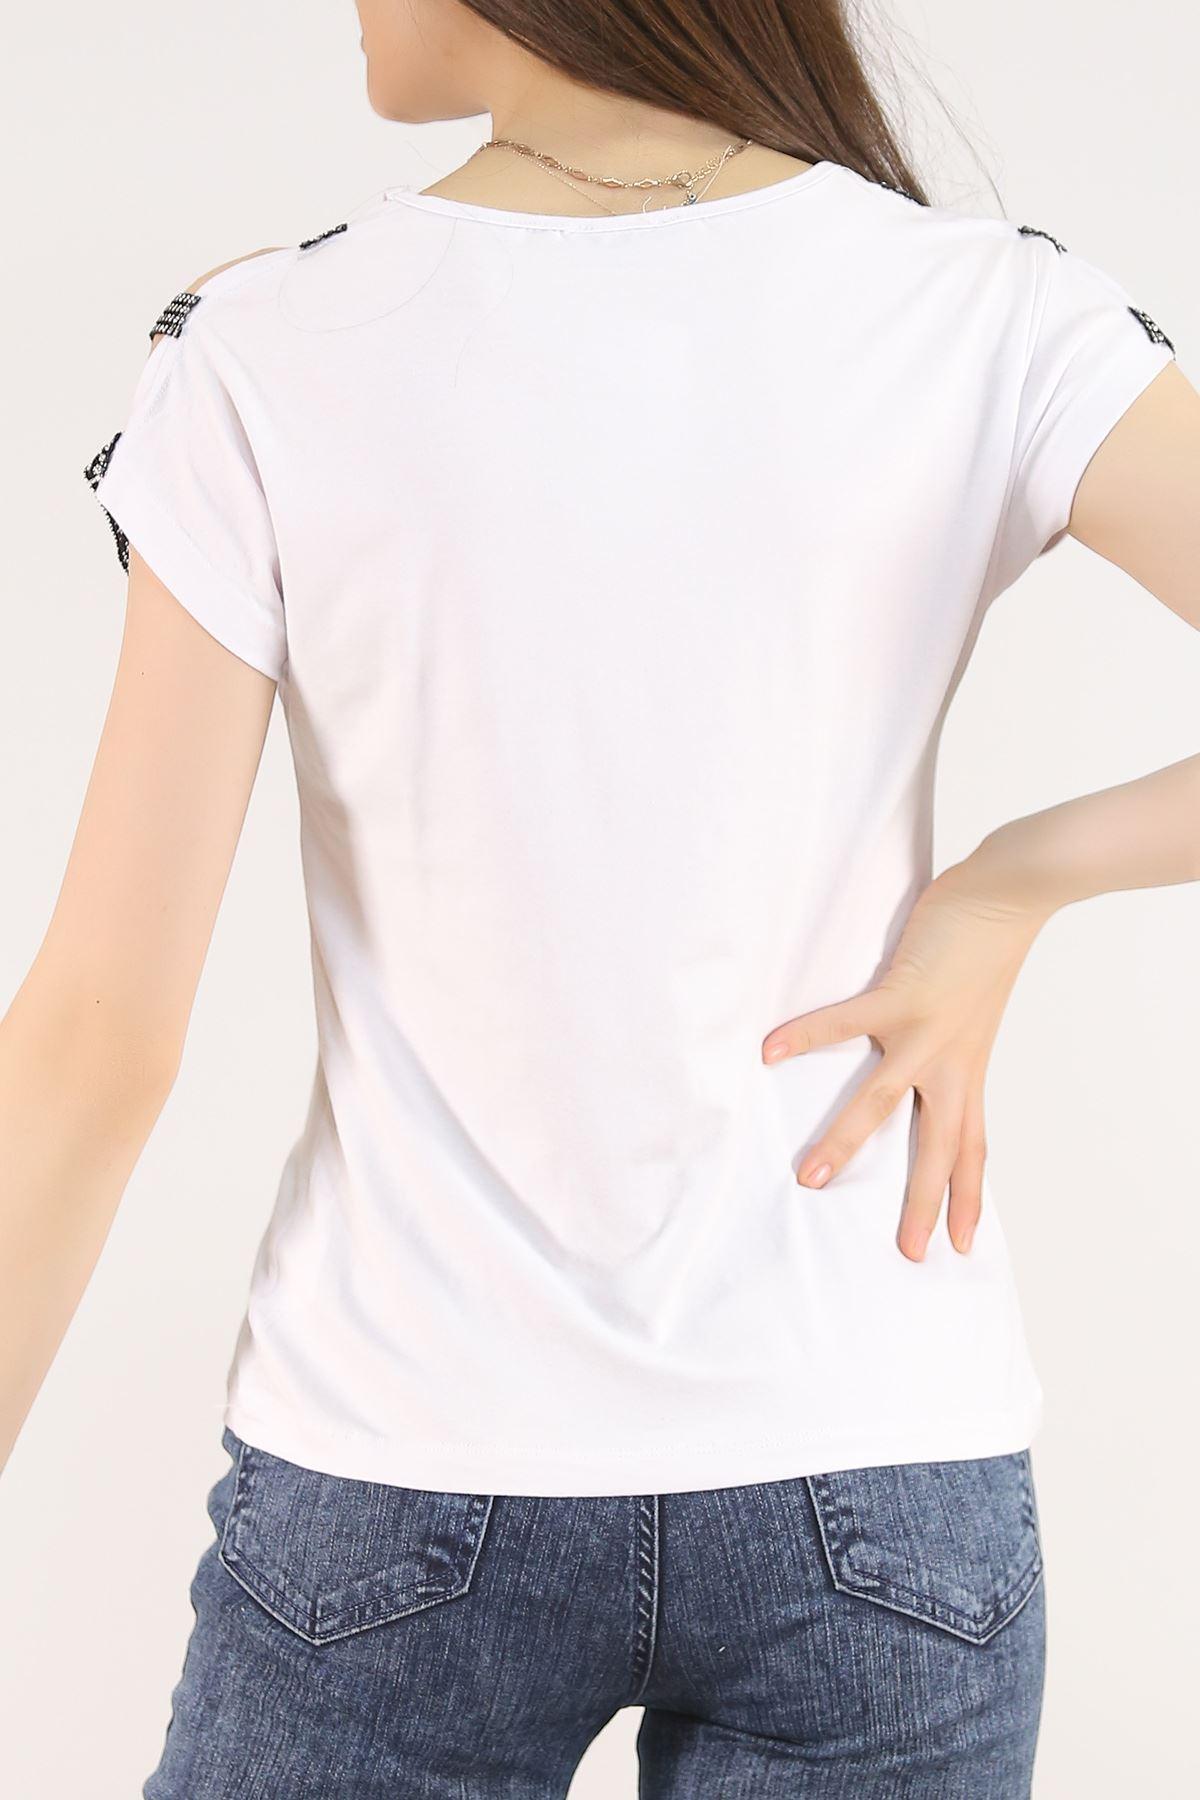 Omuz Taş Askılı Tişört Beyaz - 5544.599.